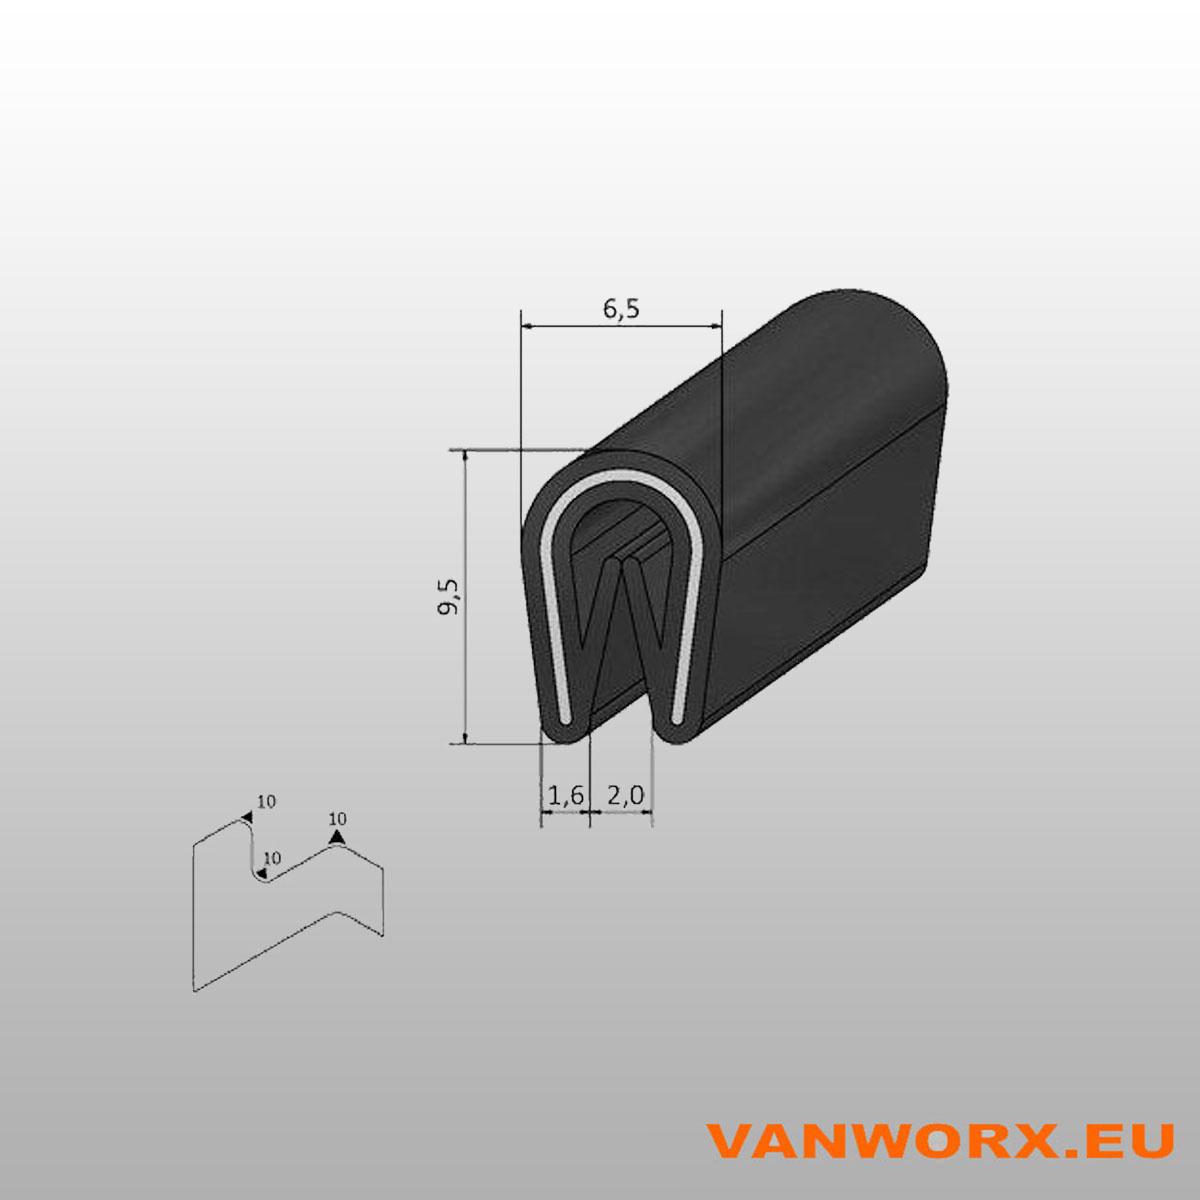 Klemprofiel PVC 1-2 mm